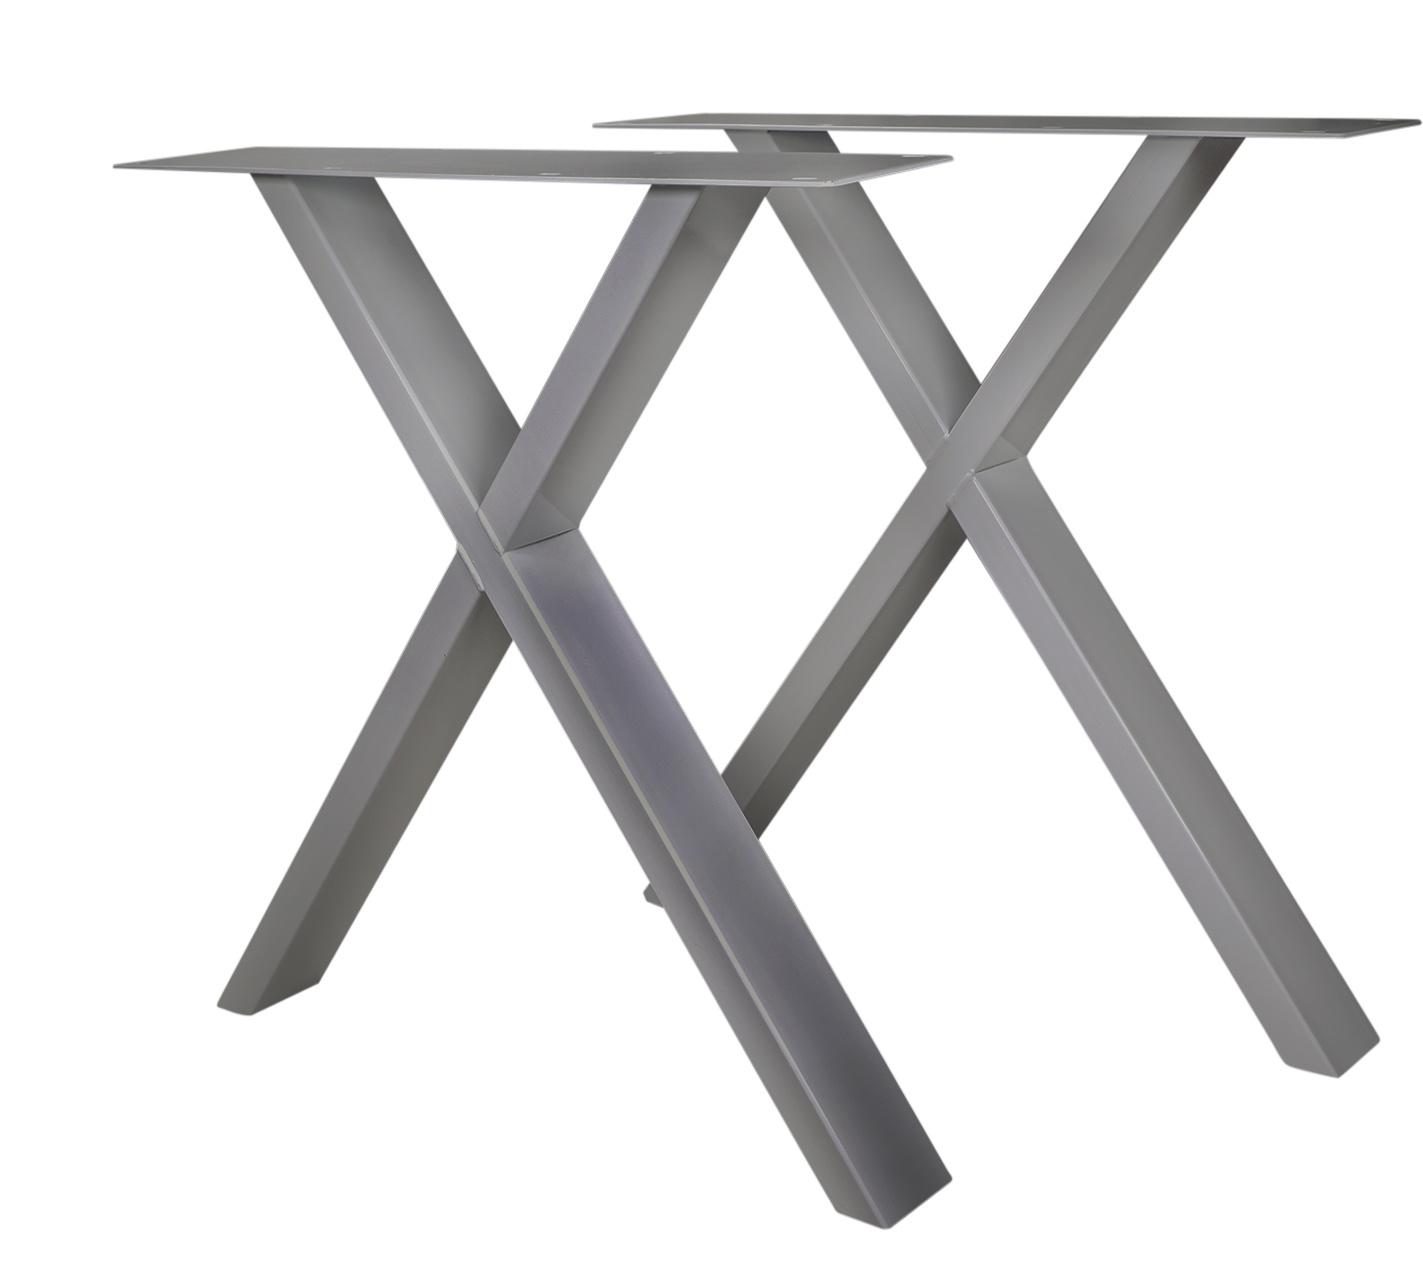 RVS X-tafelpoten SLANK (SET) 2x10x0,3cm - 78 cm breed - 72 cm hoog - X-poot - Geborsteld INOX 304